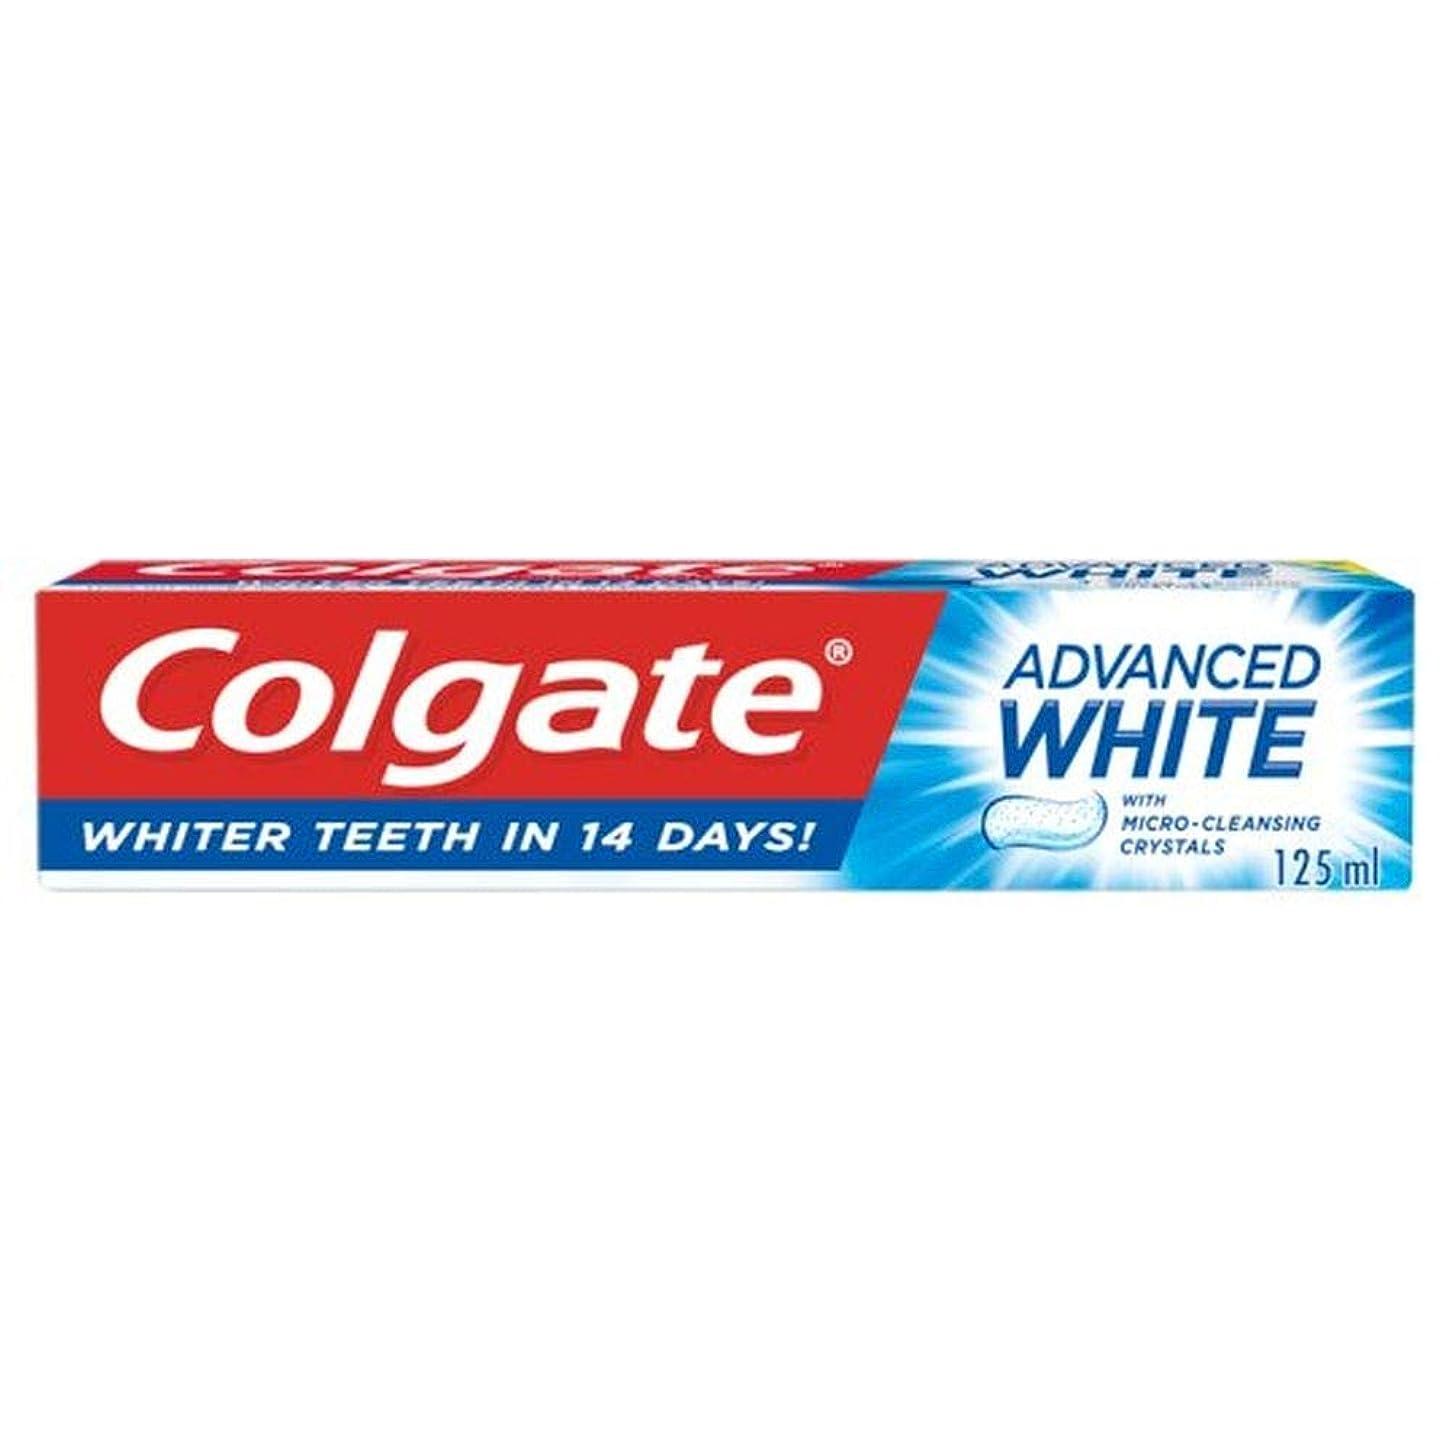 好色な参照するうぬぼれ[Colgate ] コルゲート高度な白い歯磨き粉の125ミリリットル - Colgate Advanced White Toothpaste 125Ml [並行輸入品]